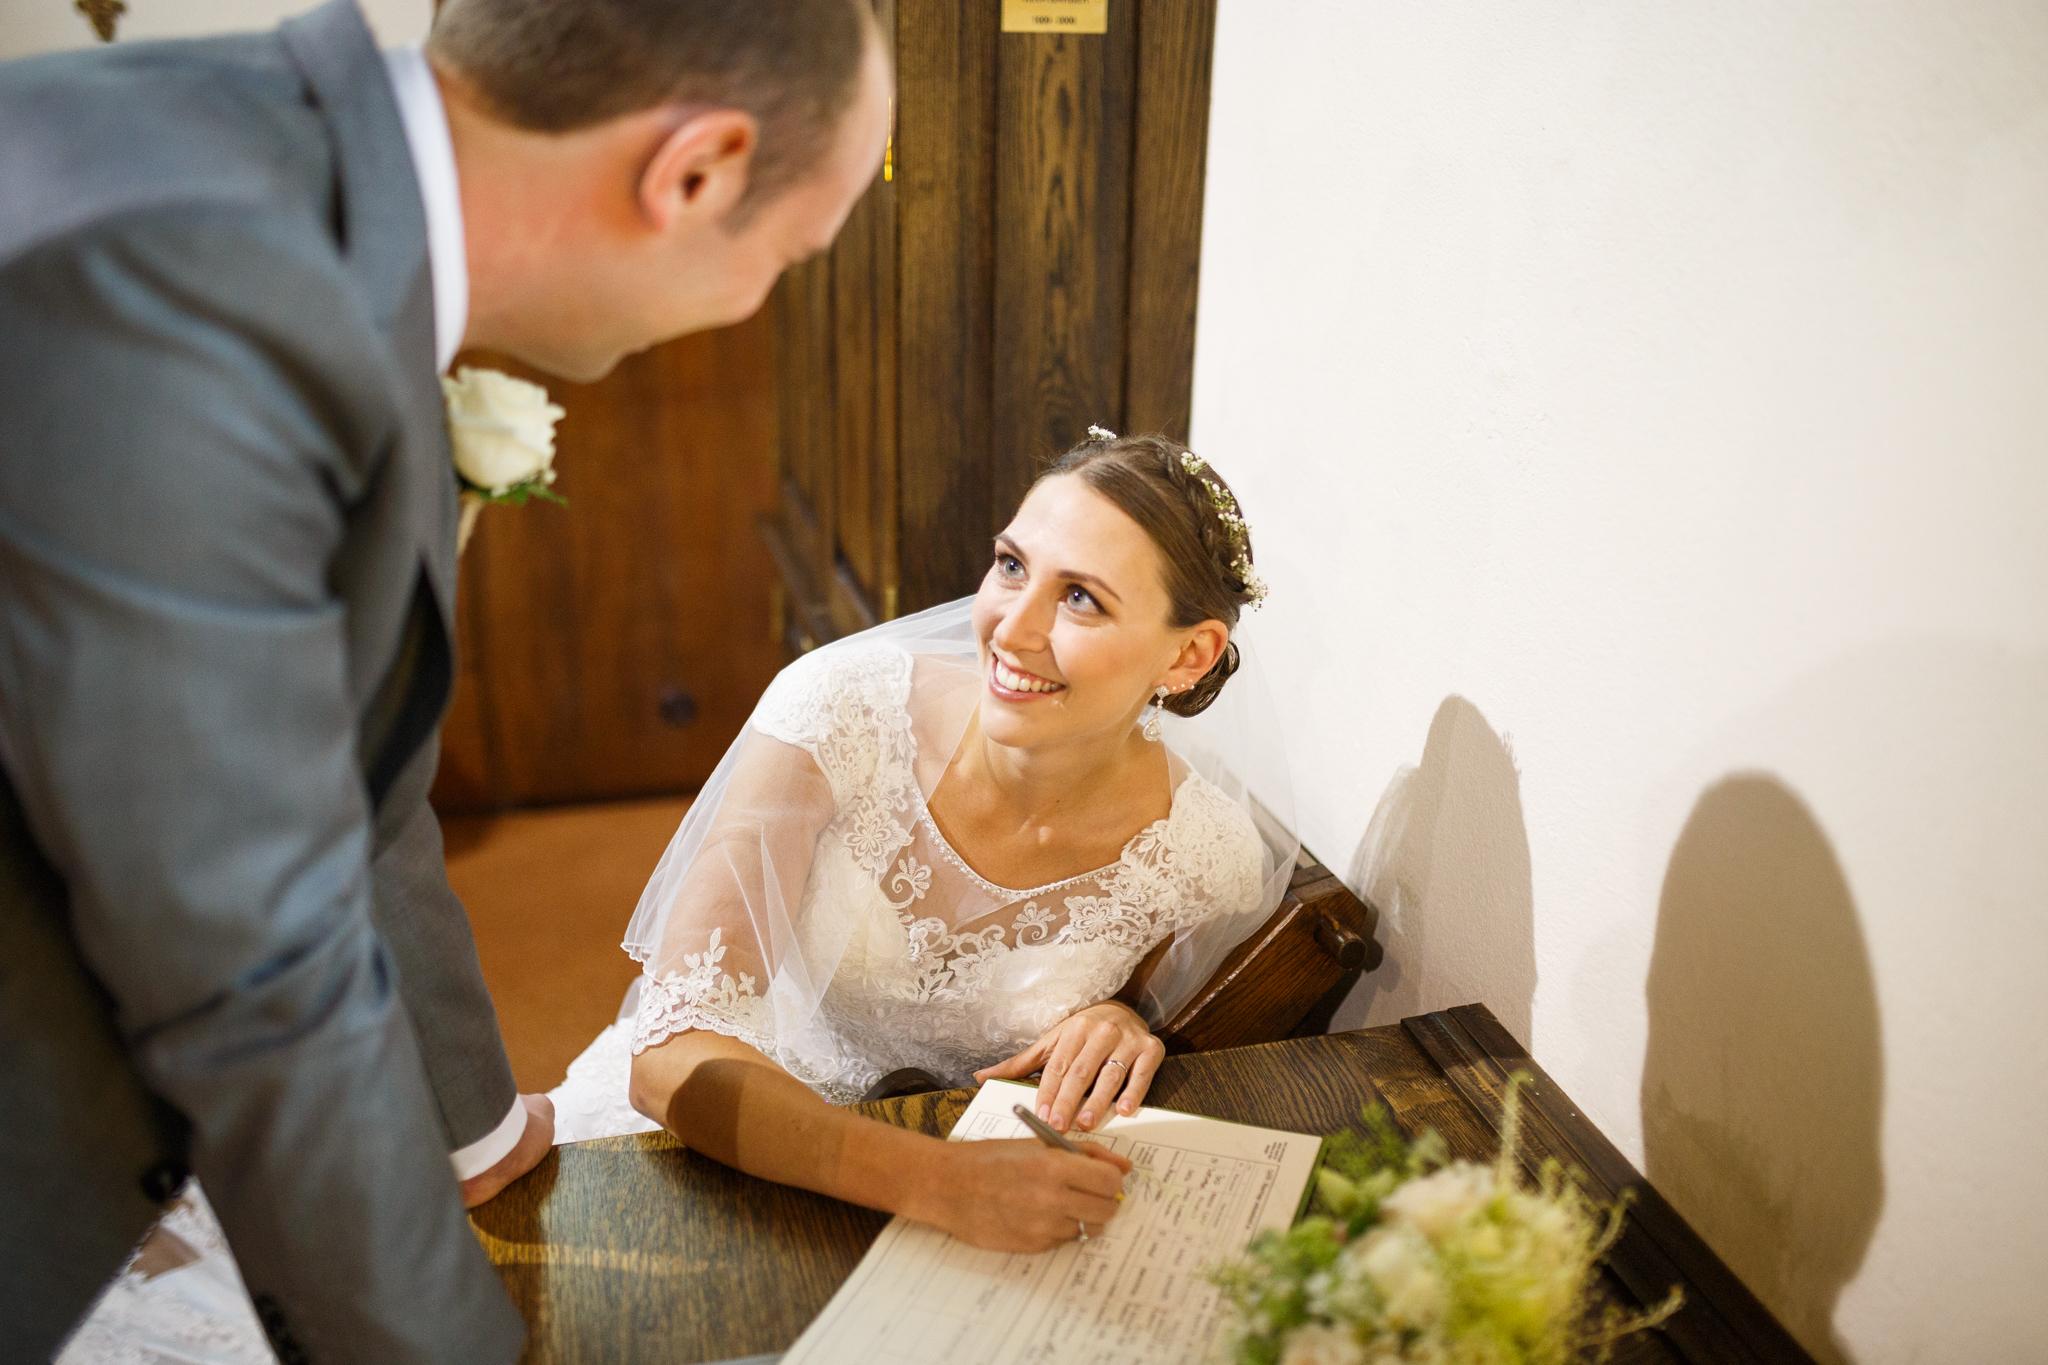 Simon_Rawling_Wedding_Photography-105.jpg